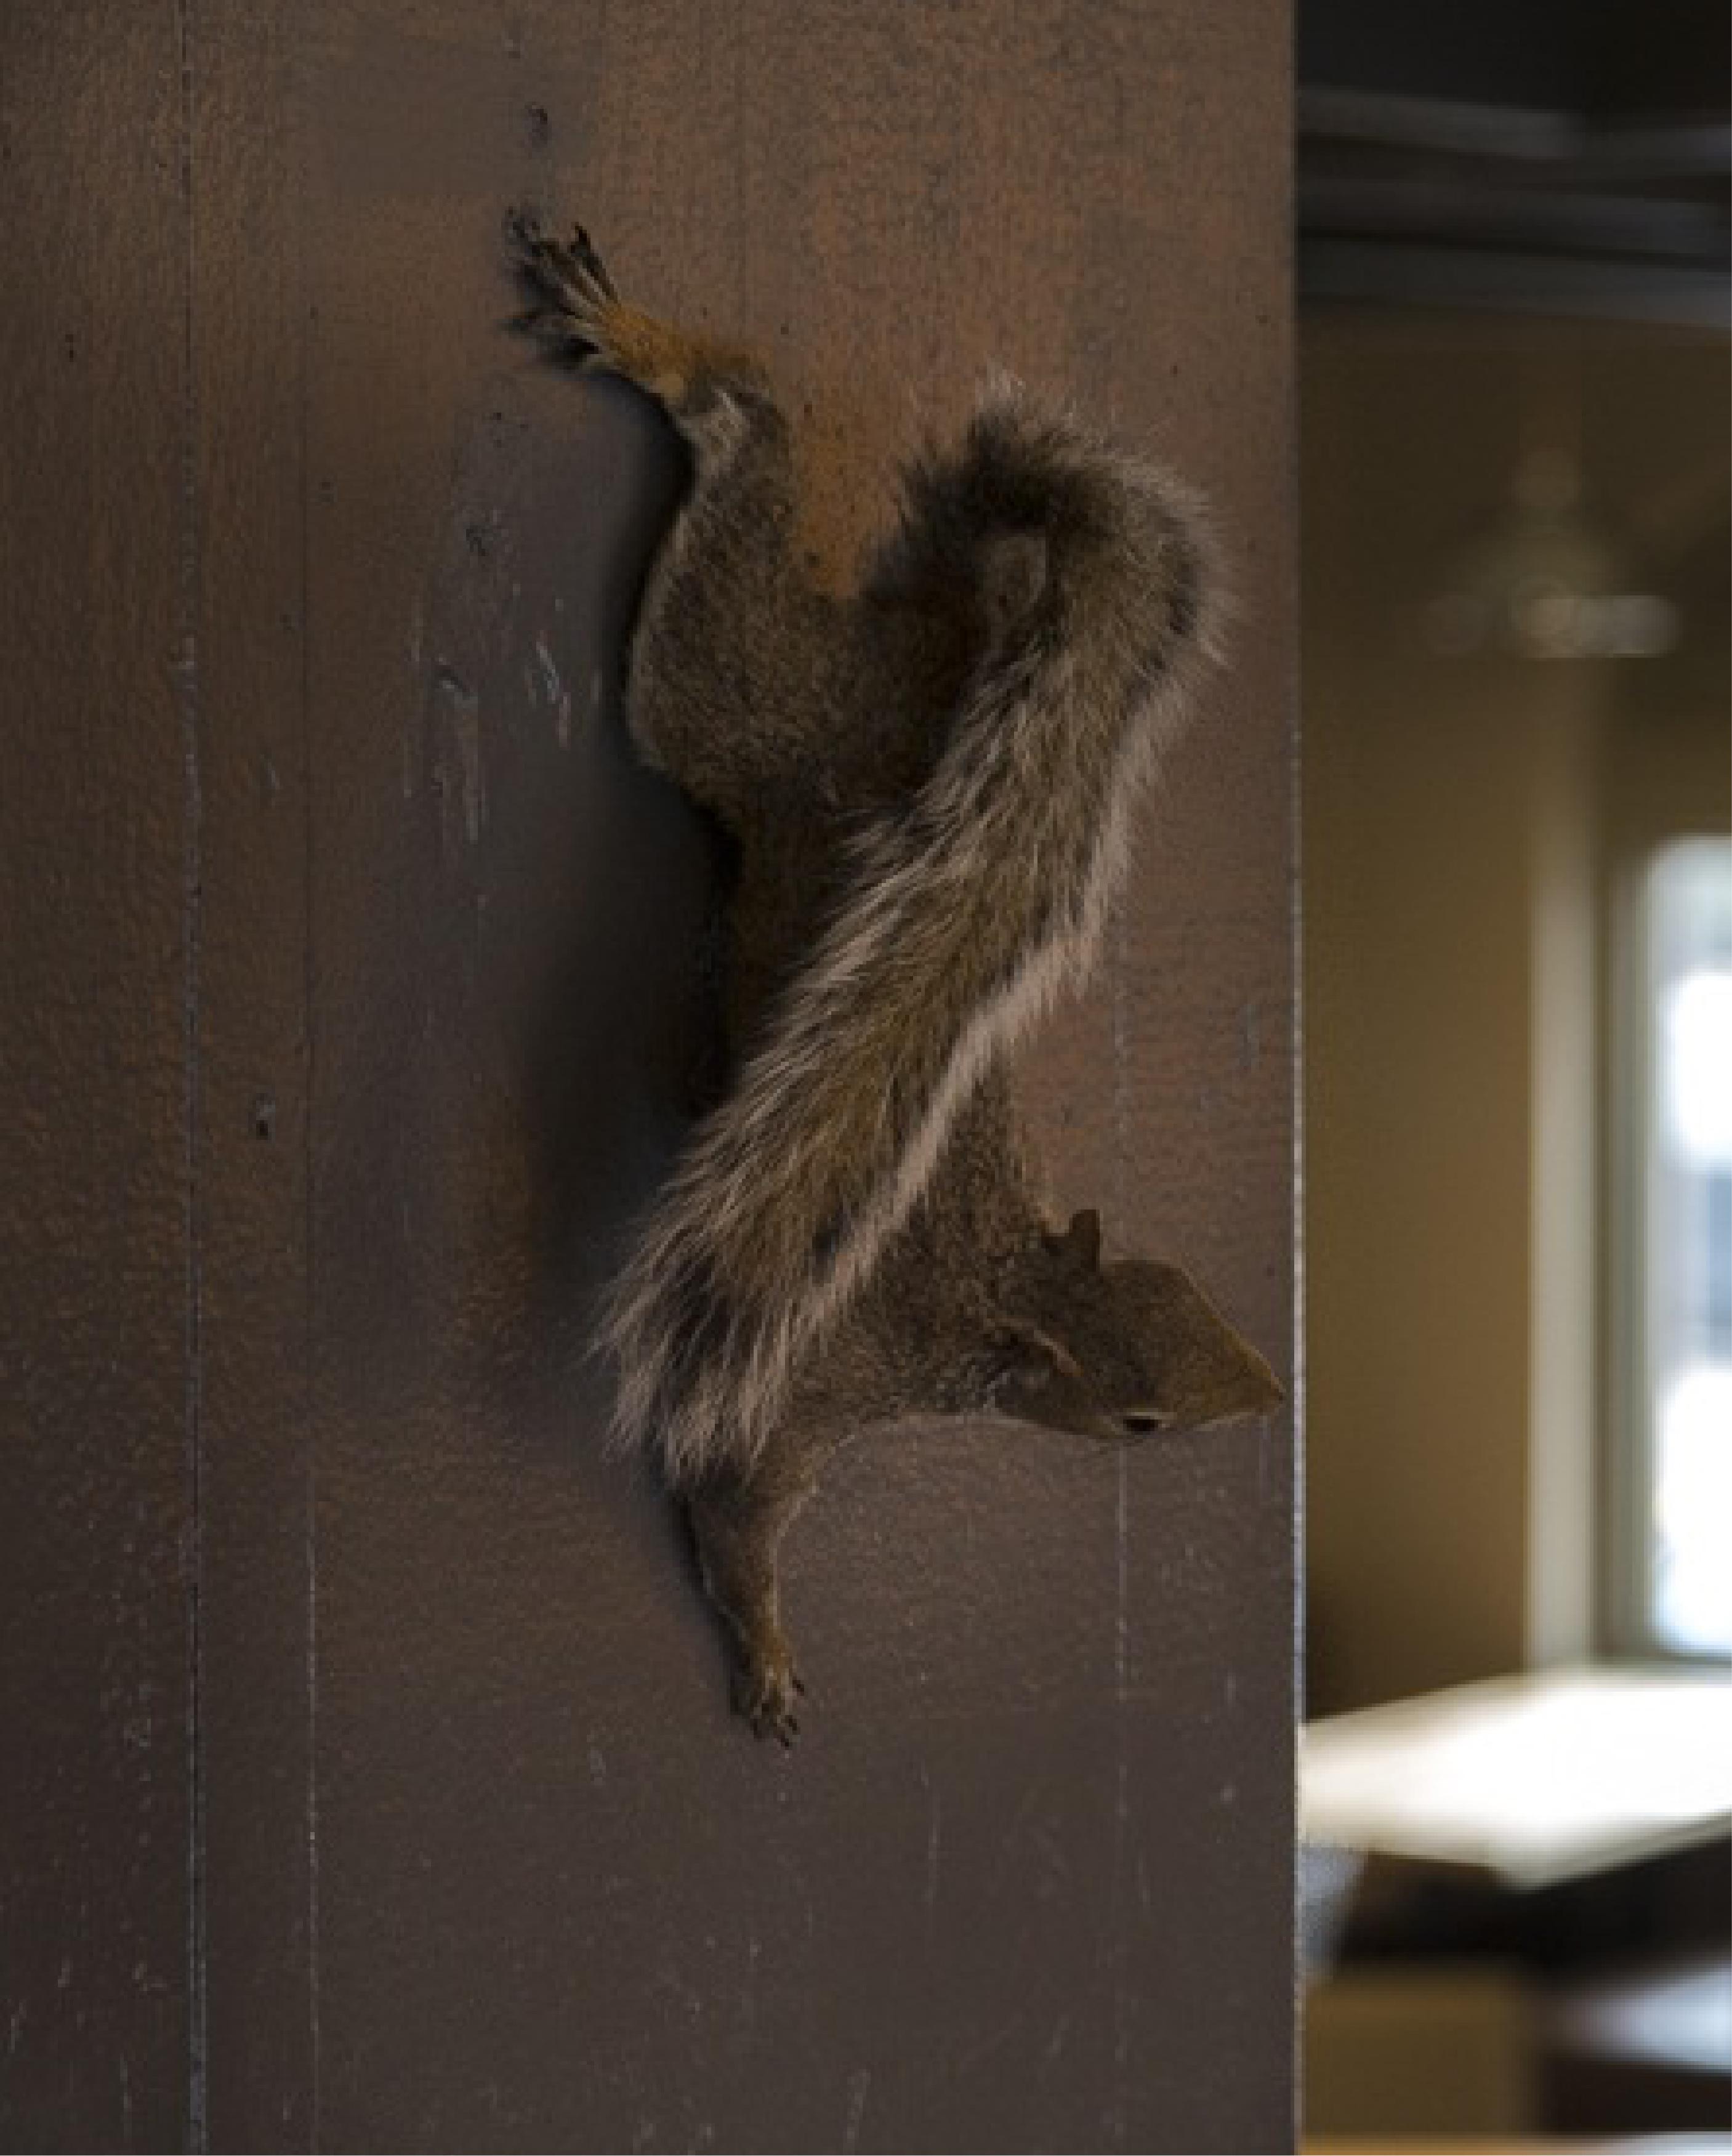 Common Pub Squirrel